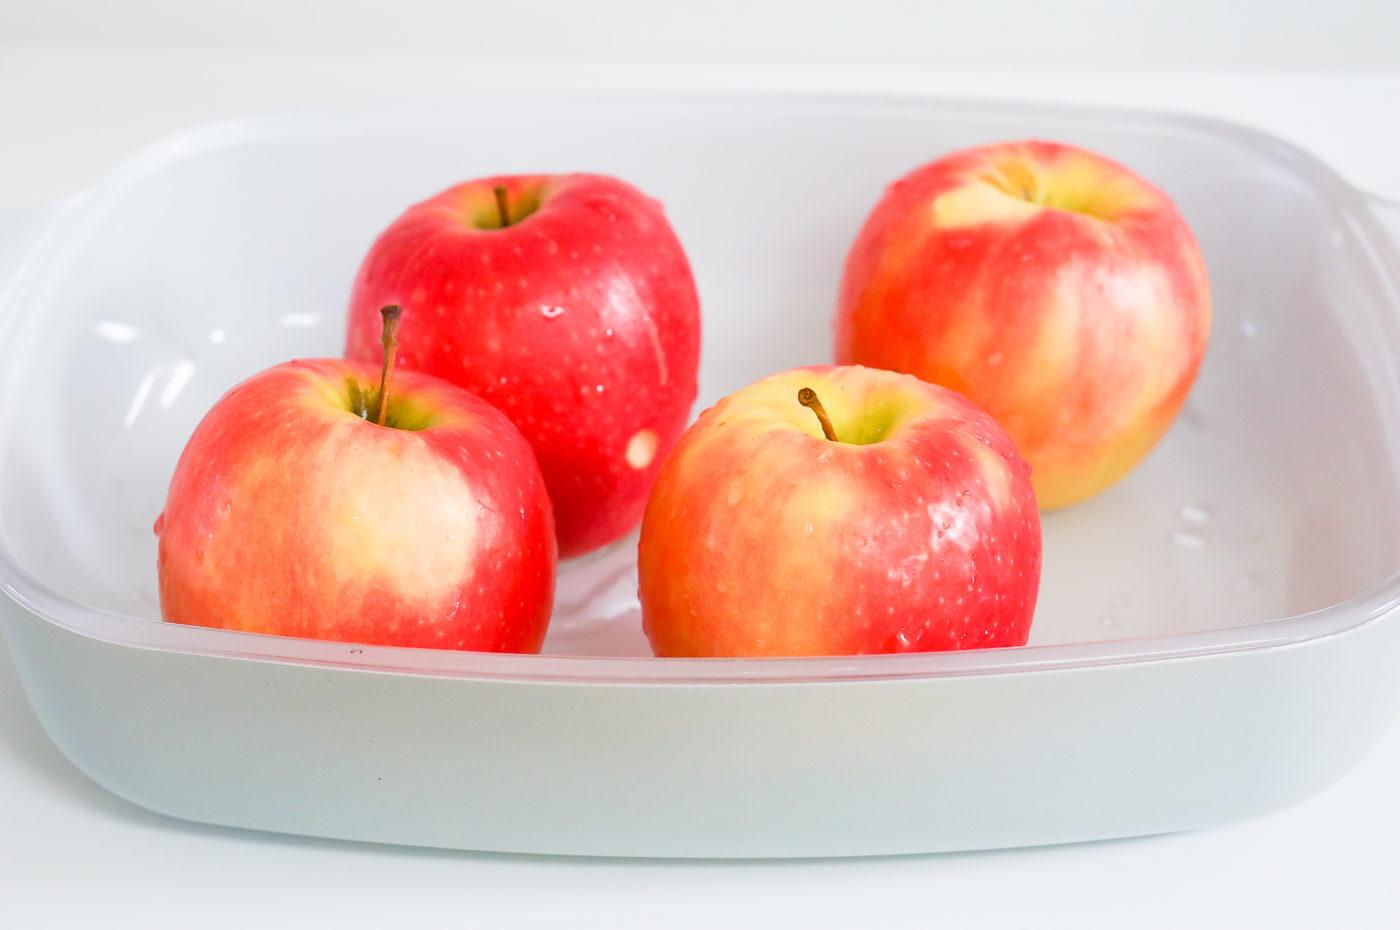 Lemon Ginger Baked Apples